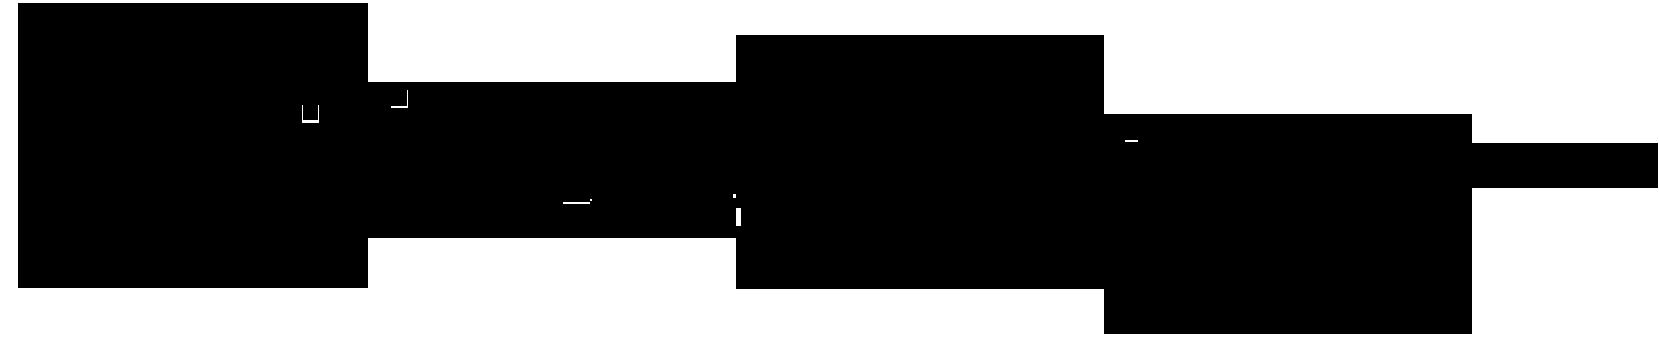 Raija Merilä Signature